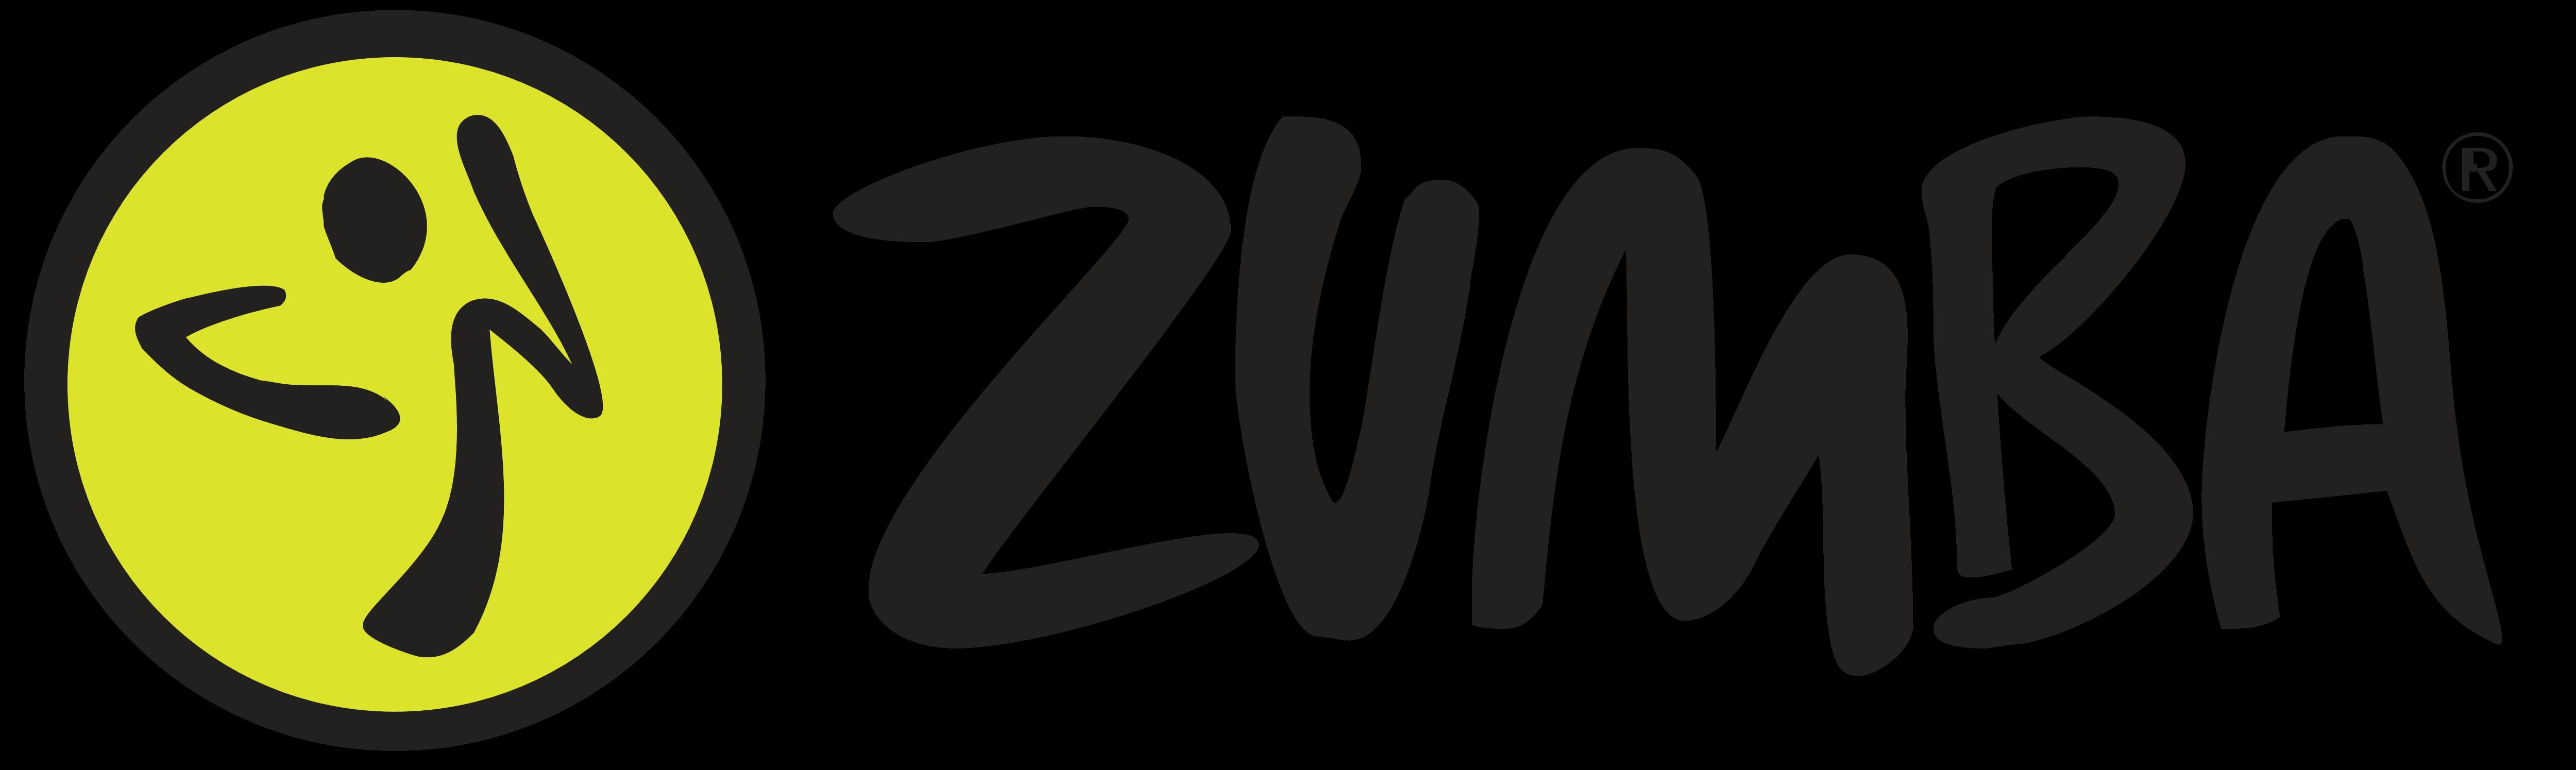 Free Zumba PNG HD - 138762